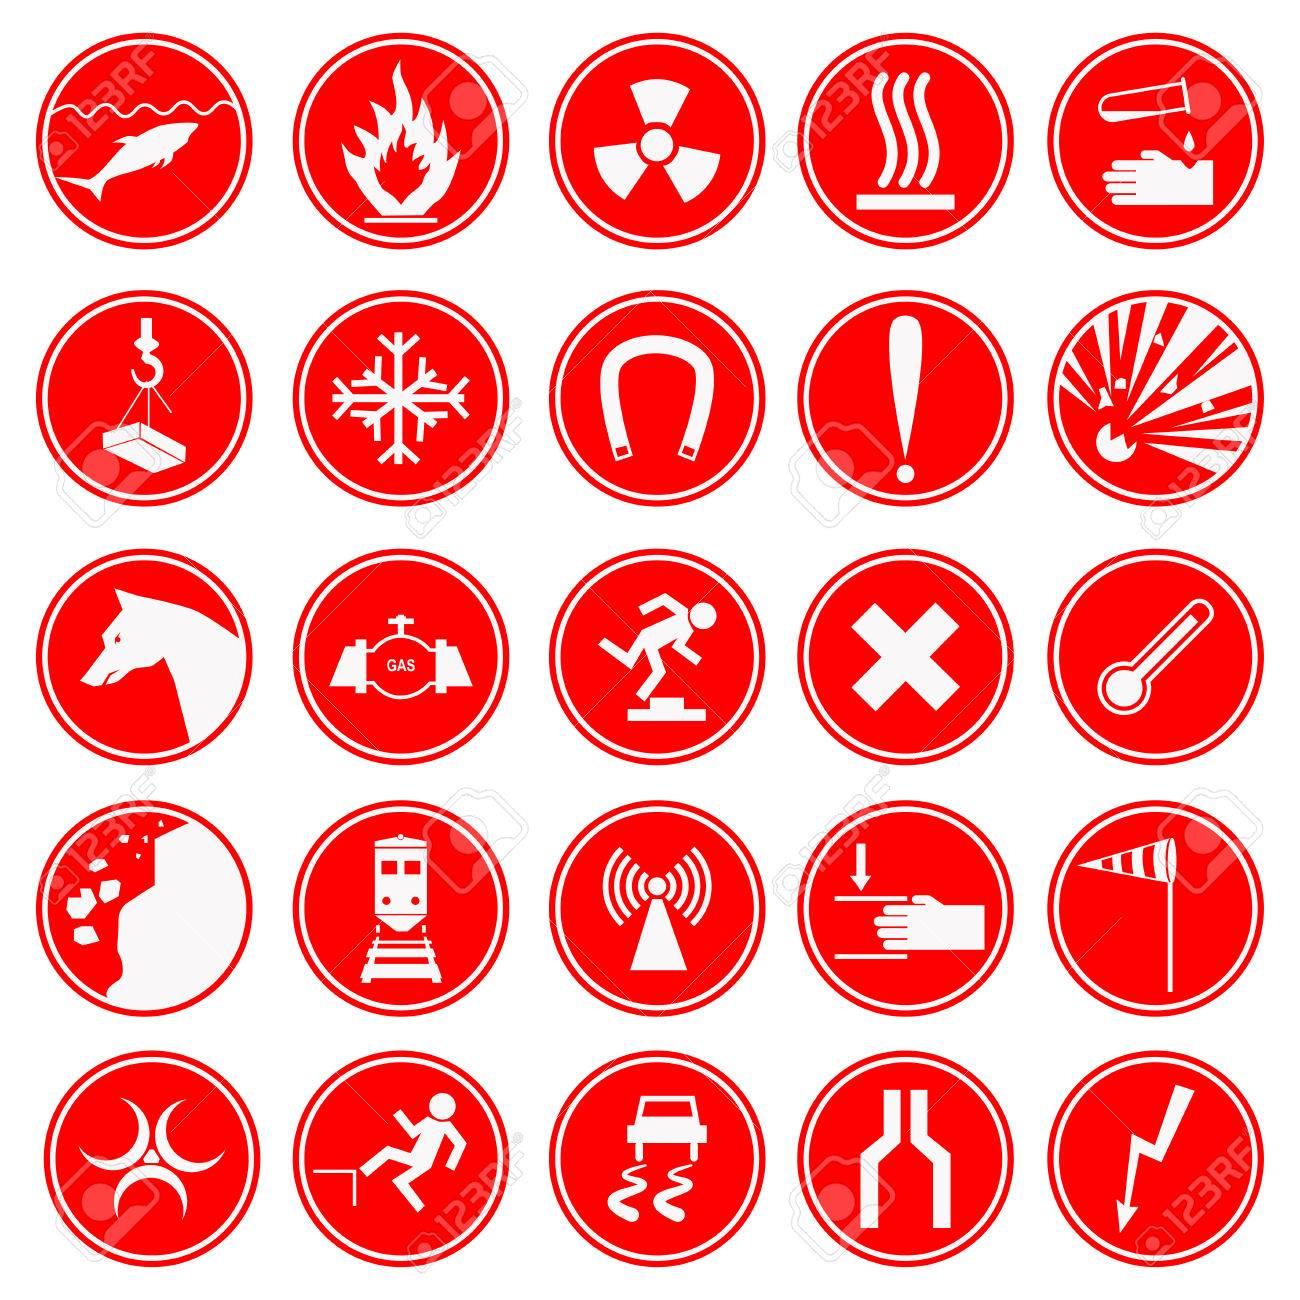 d3899919e4c6a Conjunto de señales de advertencia y peligro. Iconos de precaución.  Colección de símbolos de